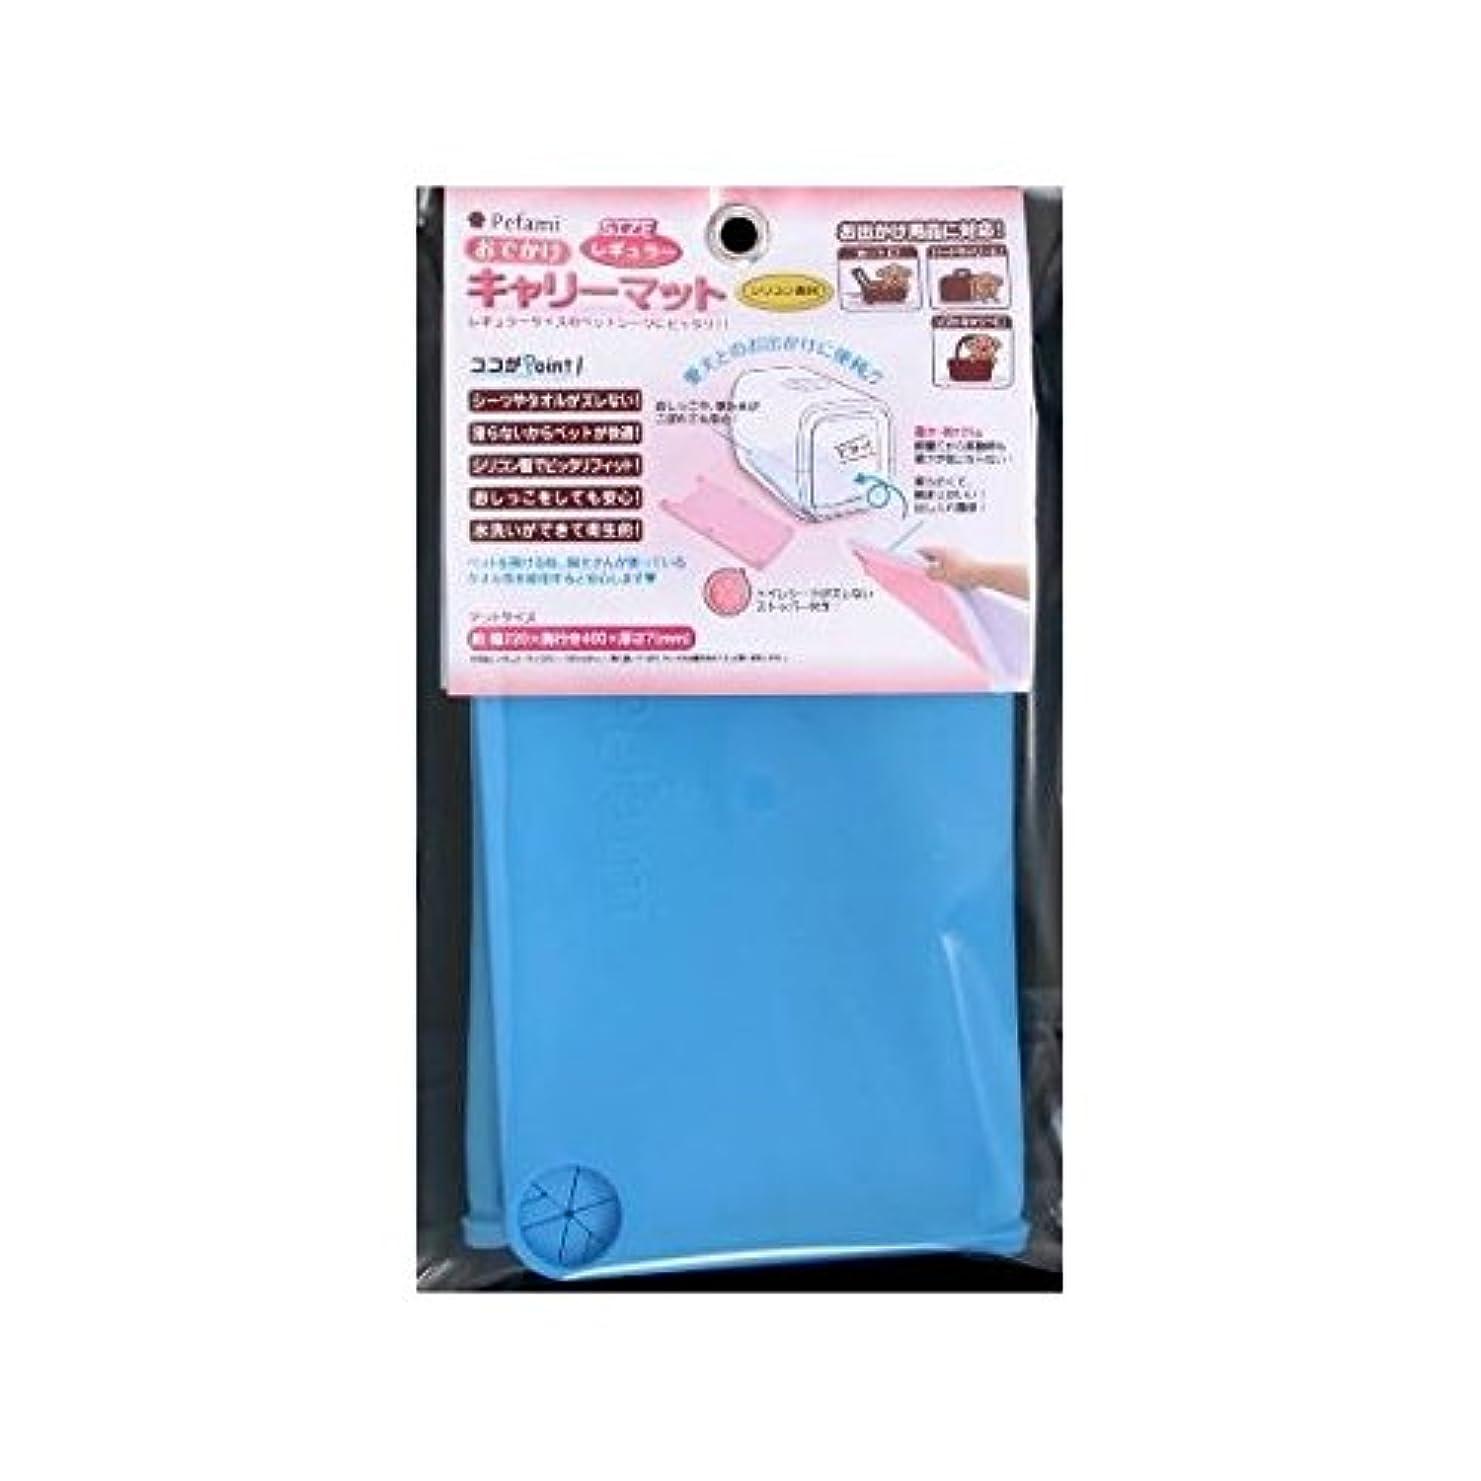 高める優しさ動機付けるターキー キャリーマットレギュラー ライトブルー CAM-R.PF/LB (ペット用品) (キャリー)